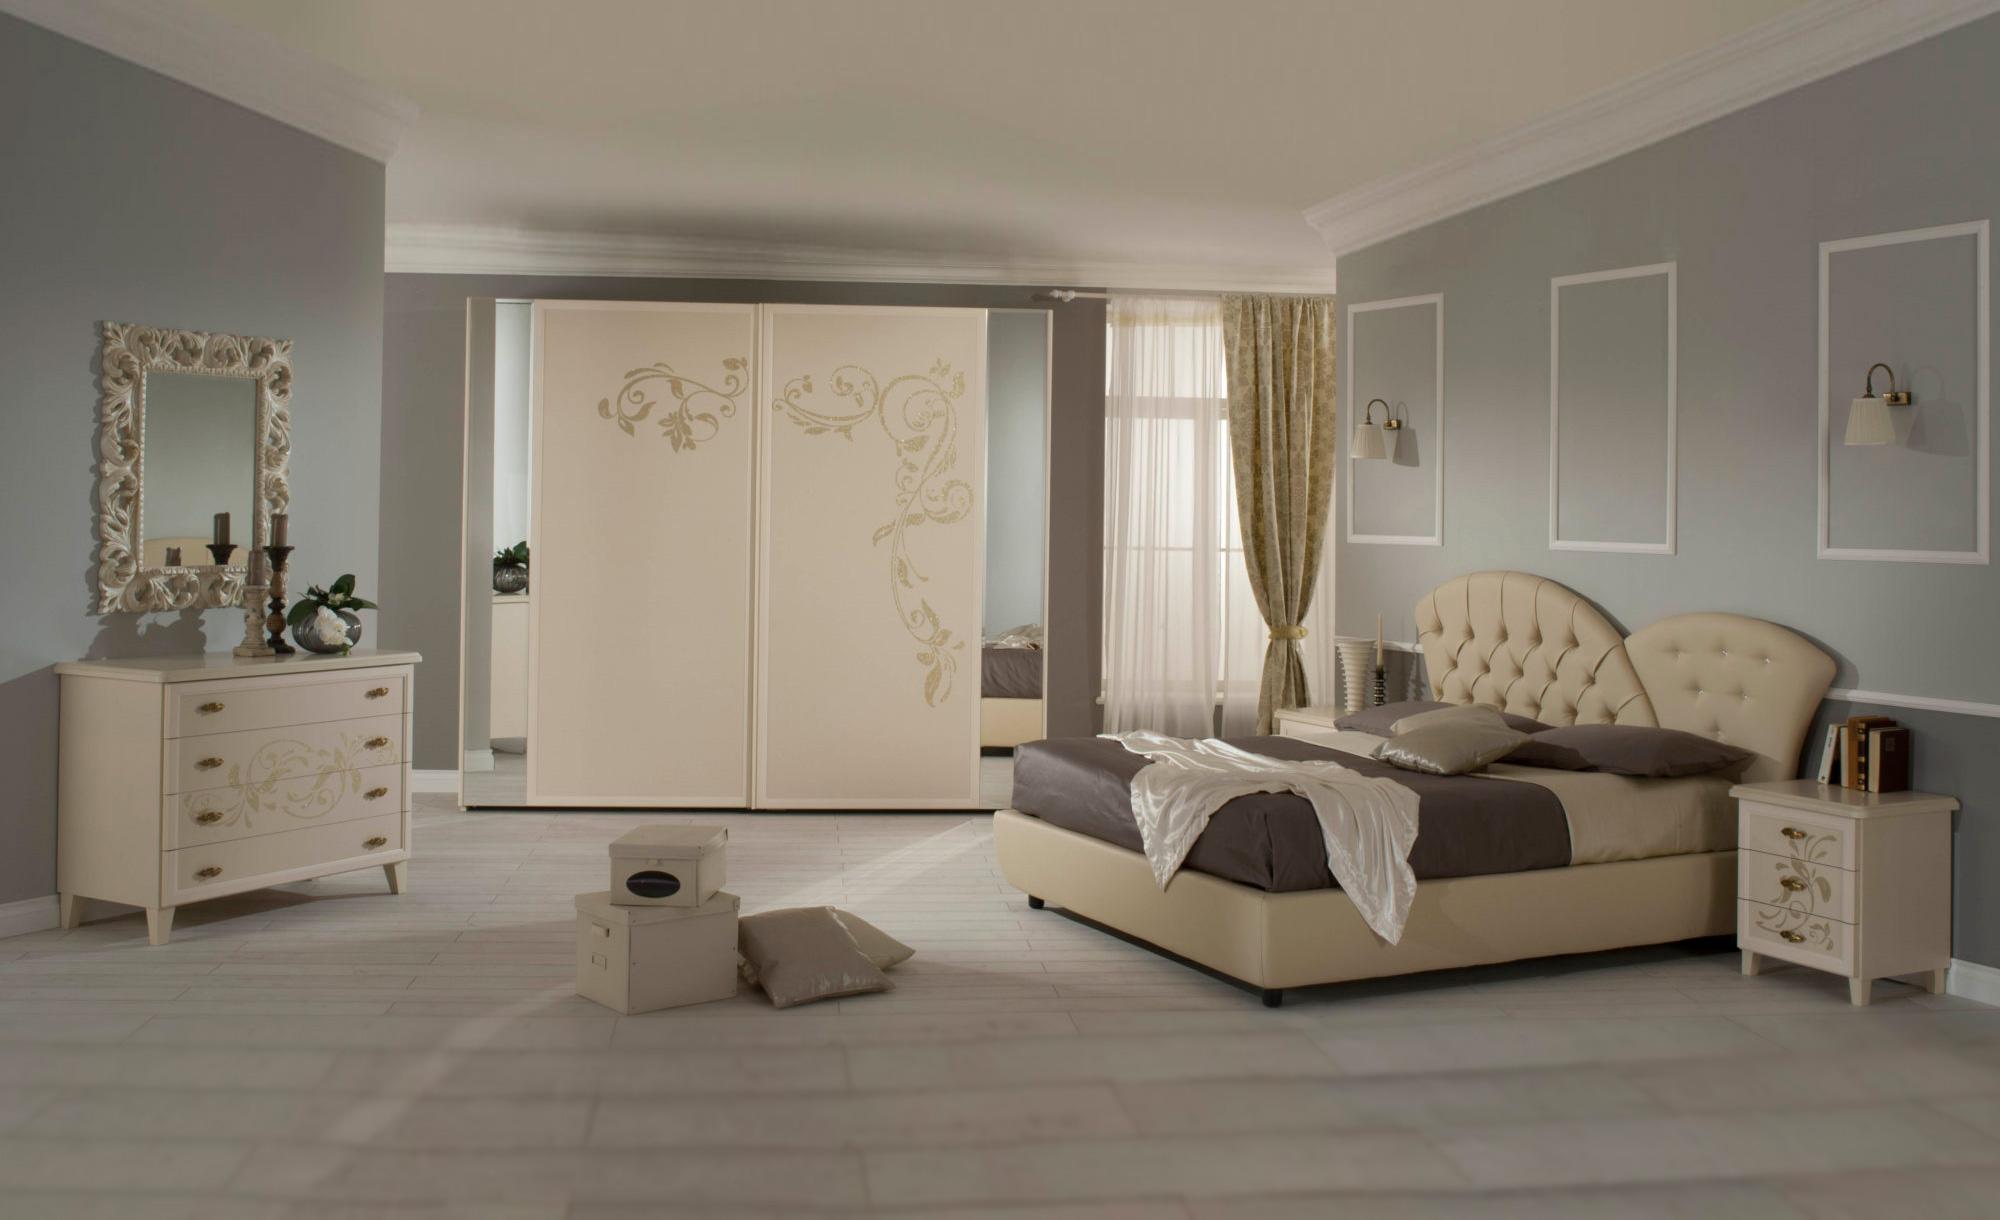 La camera da letto matrimoniale con letto contenitore in pelle ...